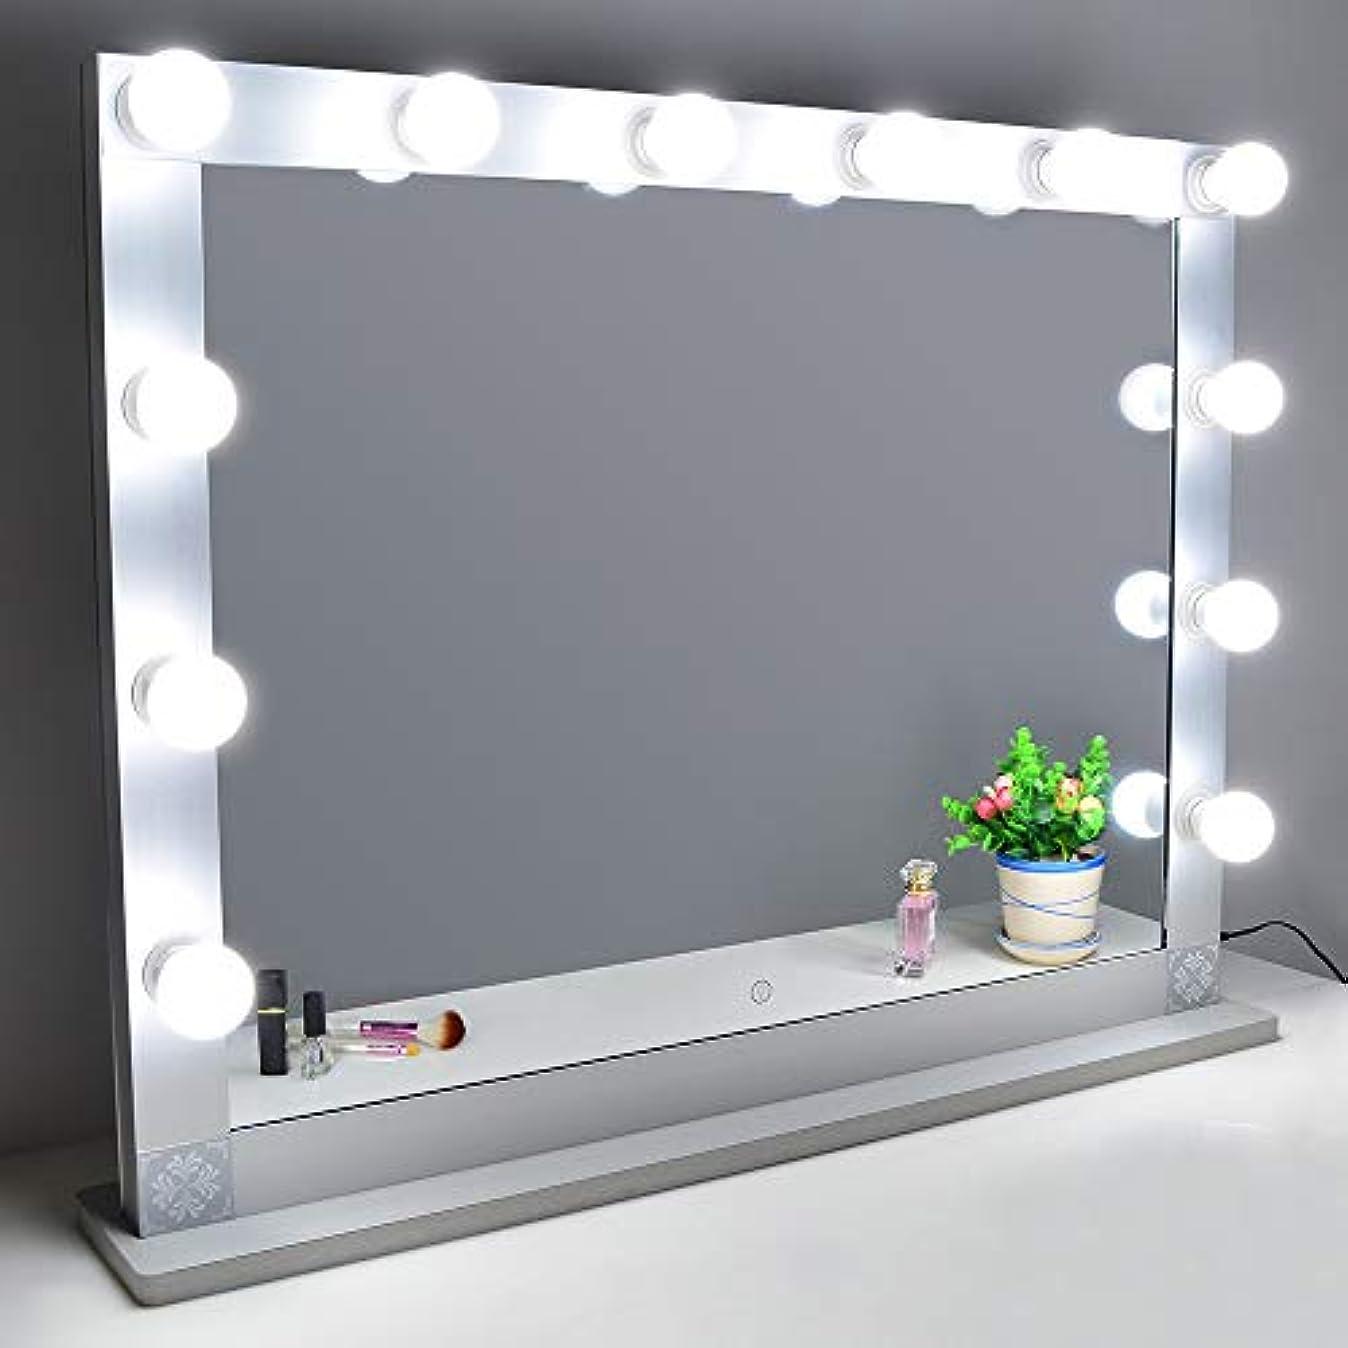 色合い準備禁止Nitin 女優ミラー 大型化粧鏡 ハリウッドミラー 12個LED電球付き 無段階調光 スタンド付き USB差込口付き 卓上ミラー 女優ライト ドレッサー/化粧台に適用(85*66.5cm)